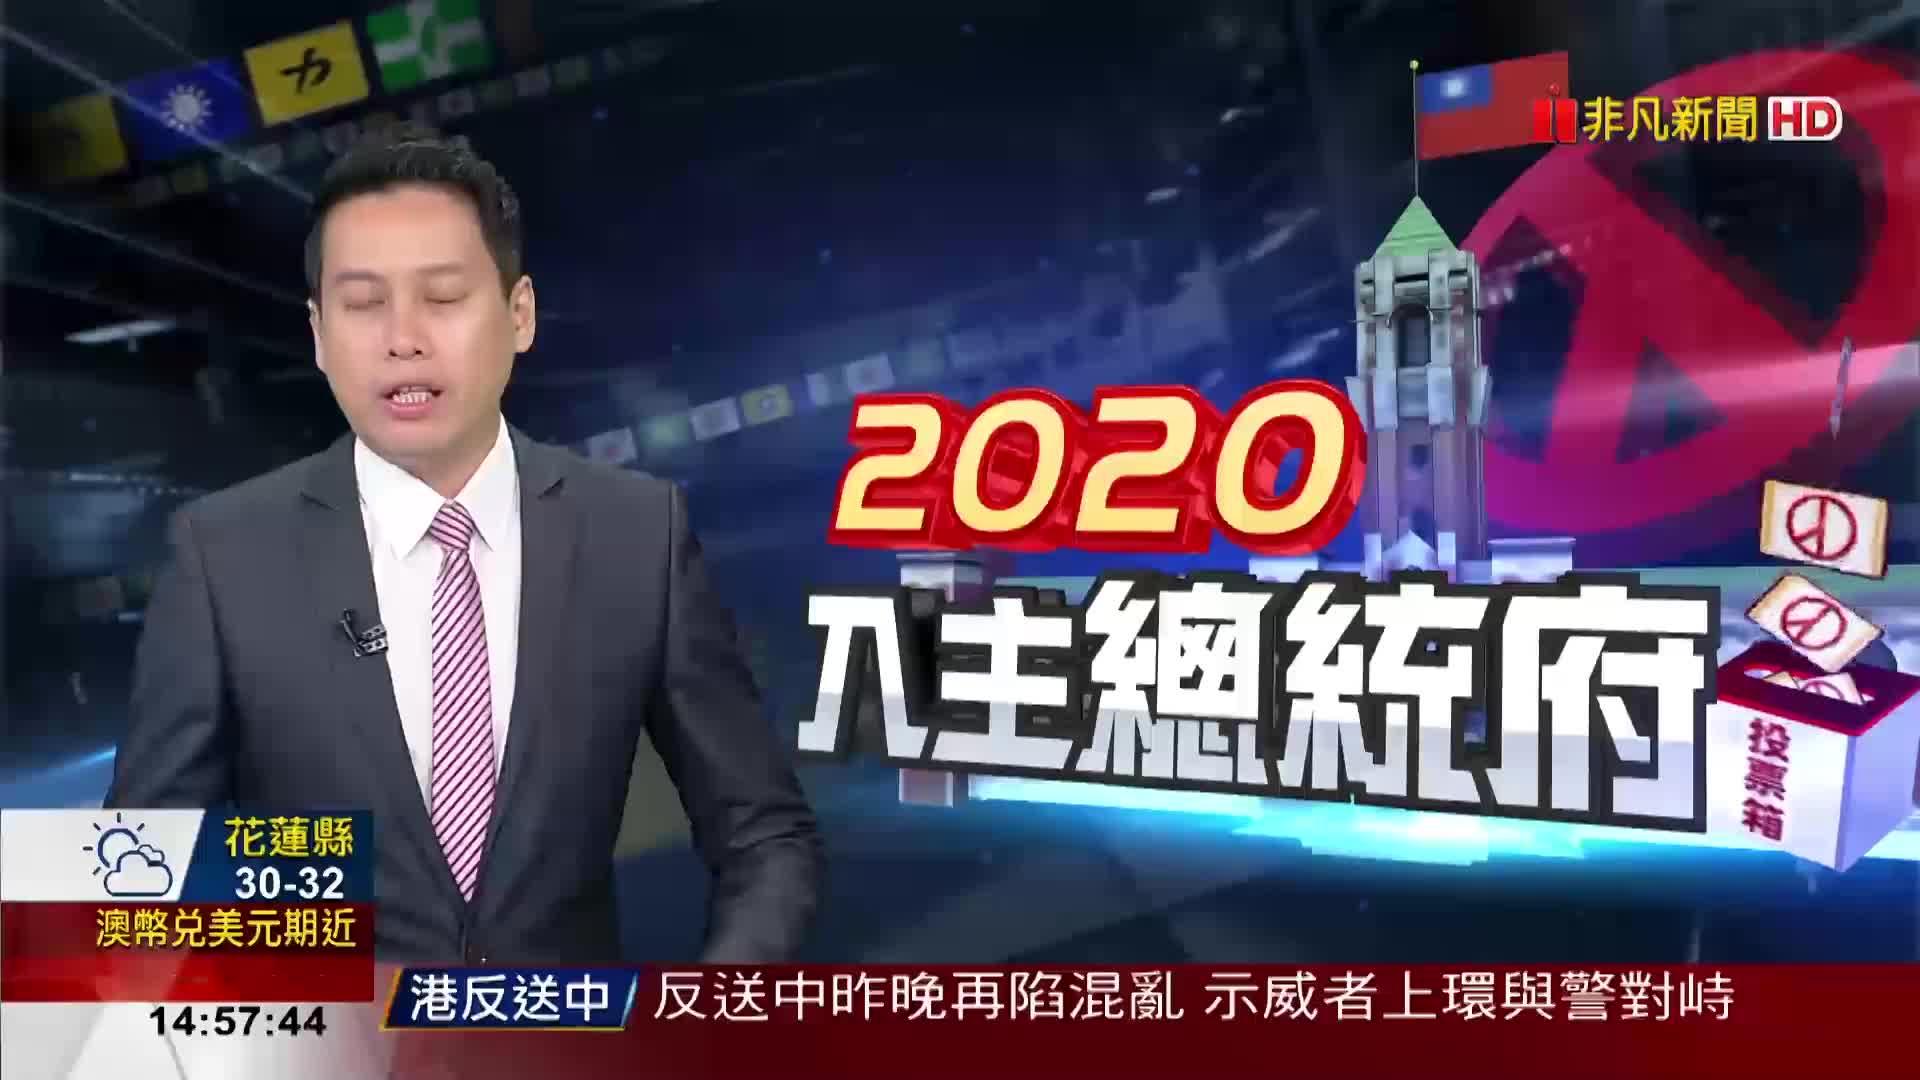 拚2020遲不鬆口! 柯P:永遠別臆測柯文哲